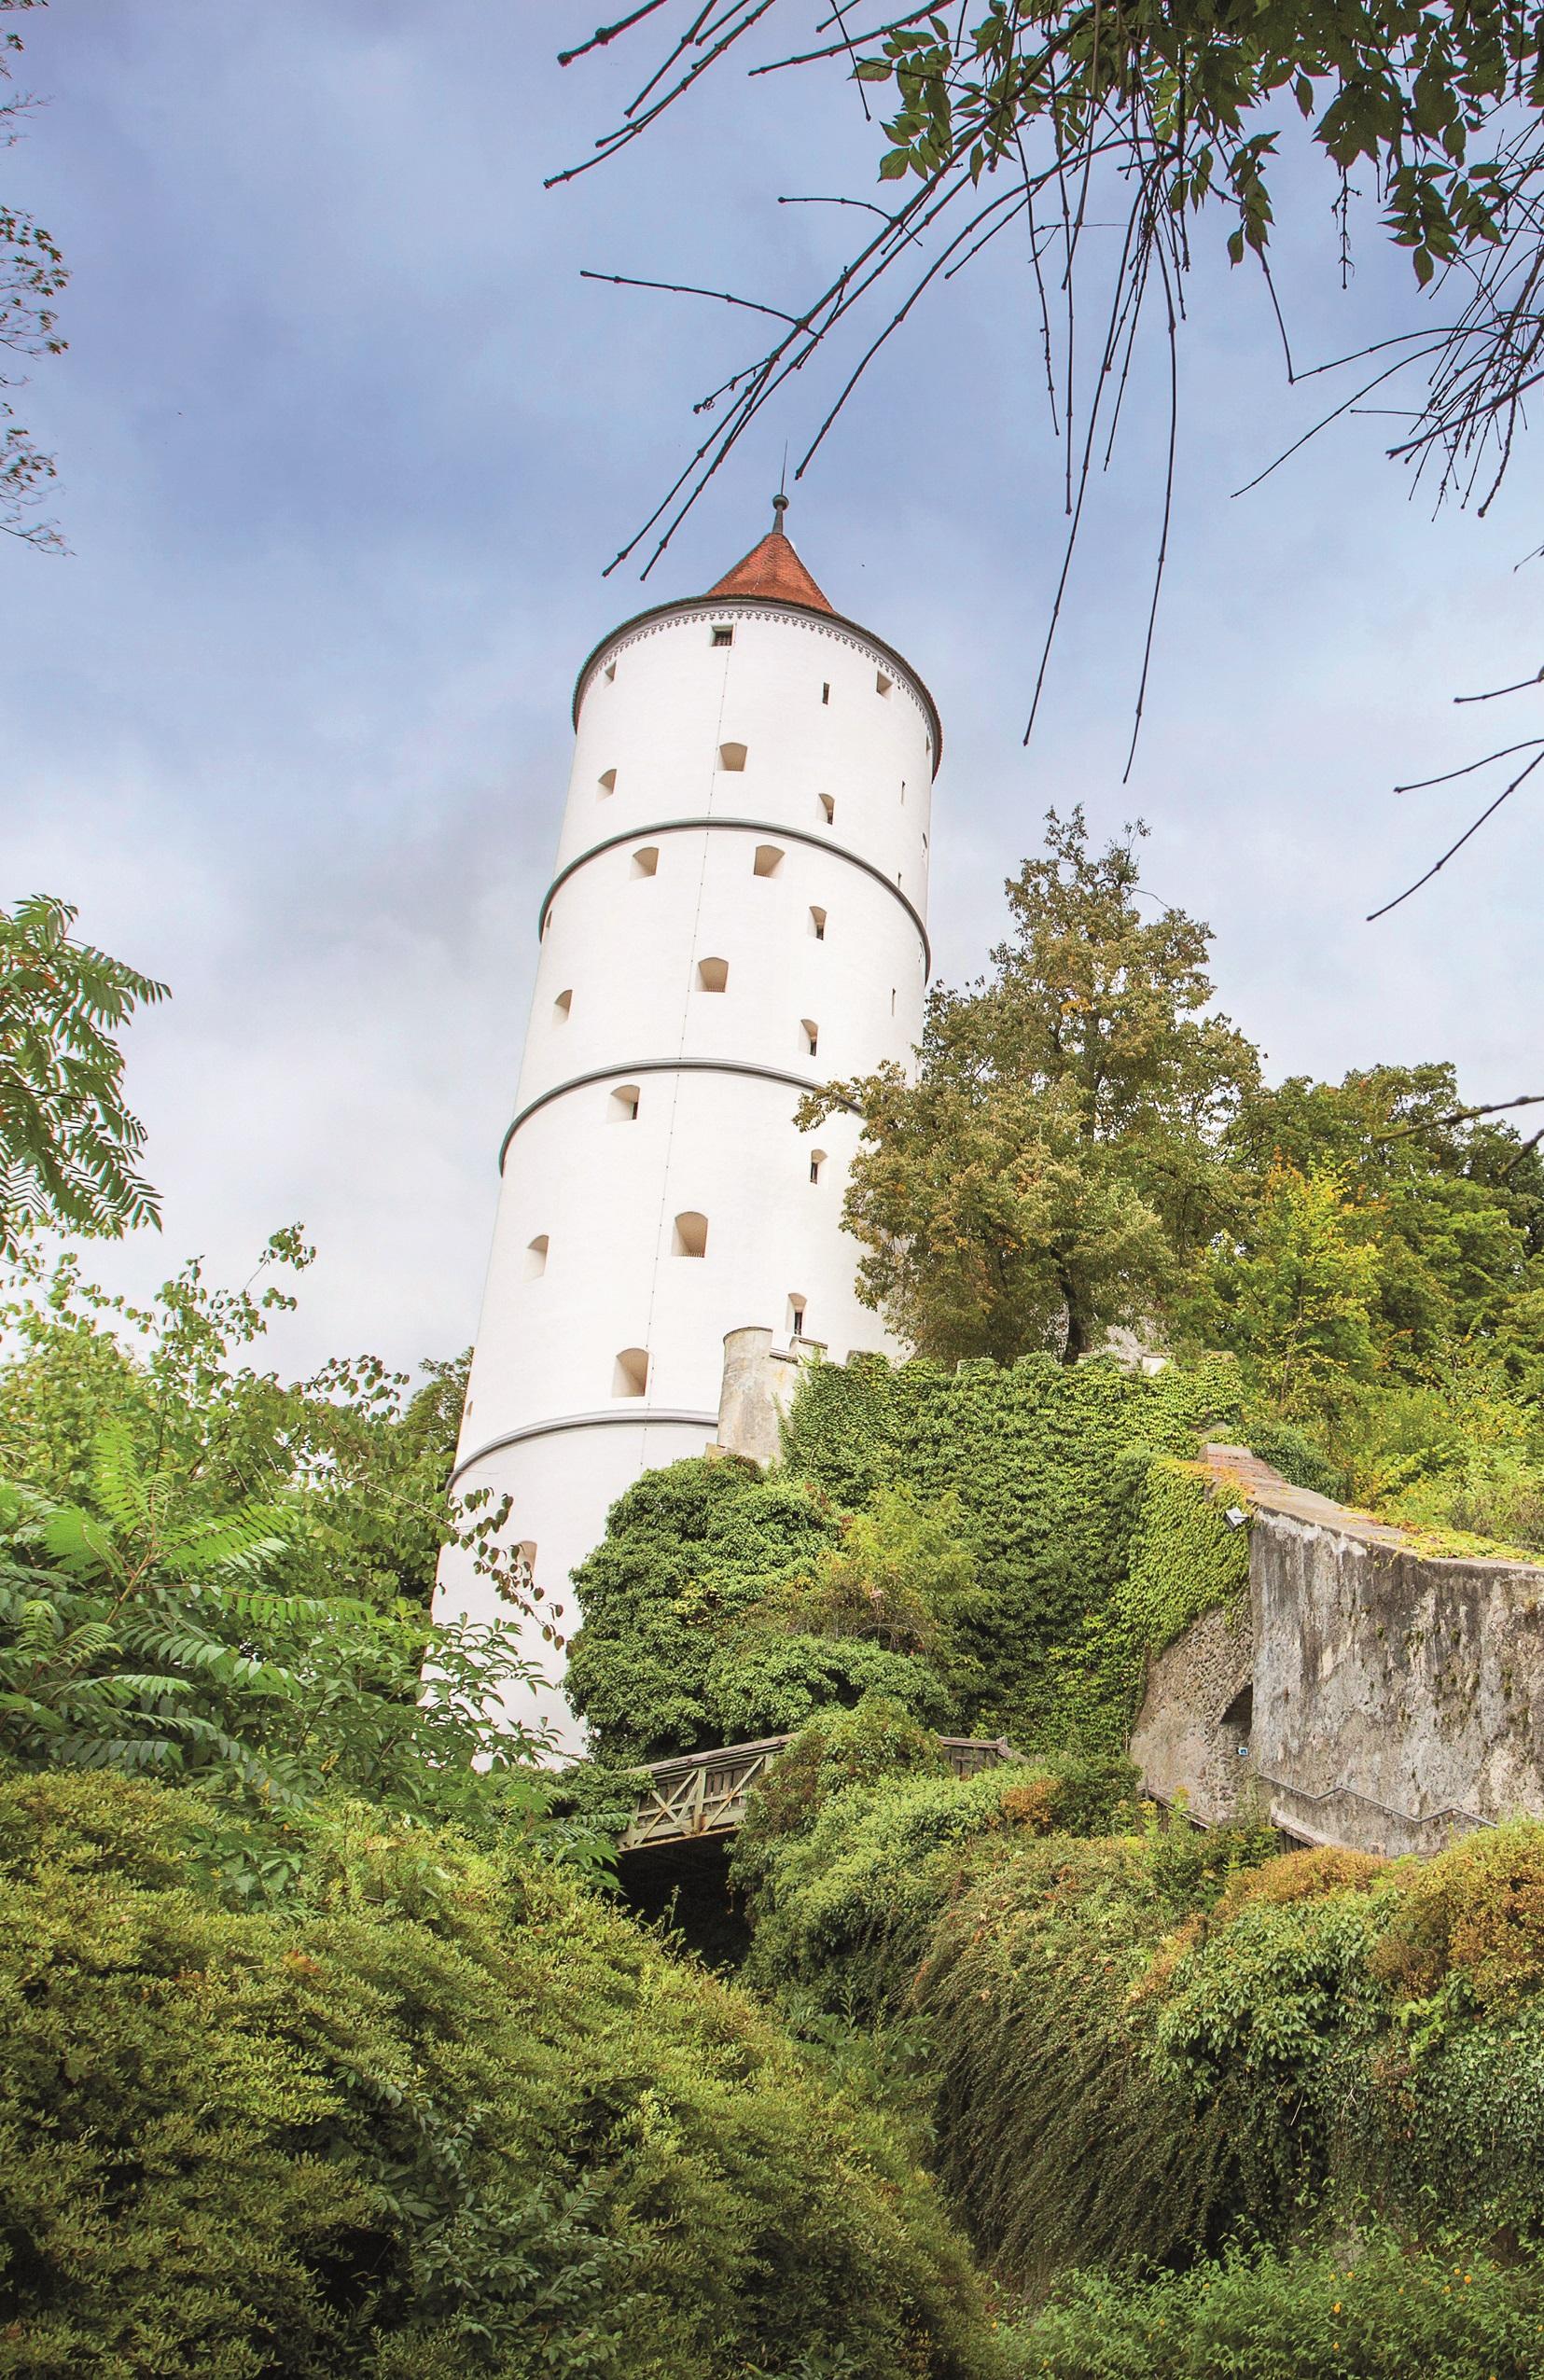 Weisser Turm Biberach an der Riss